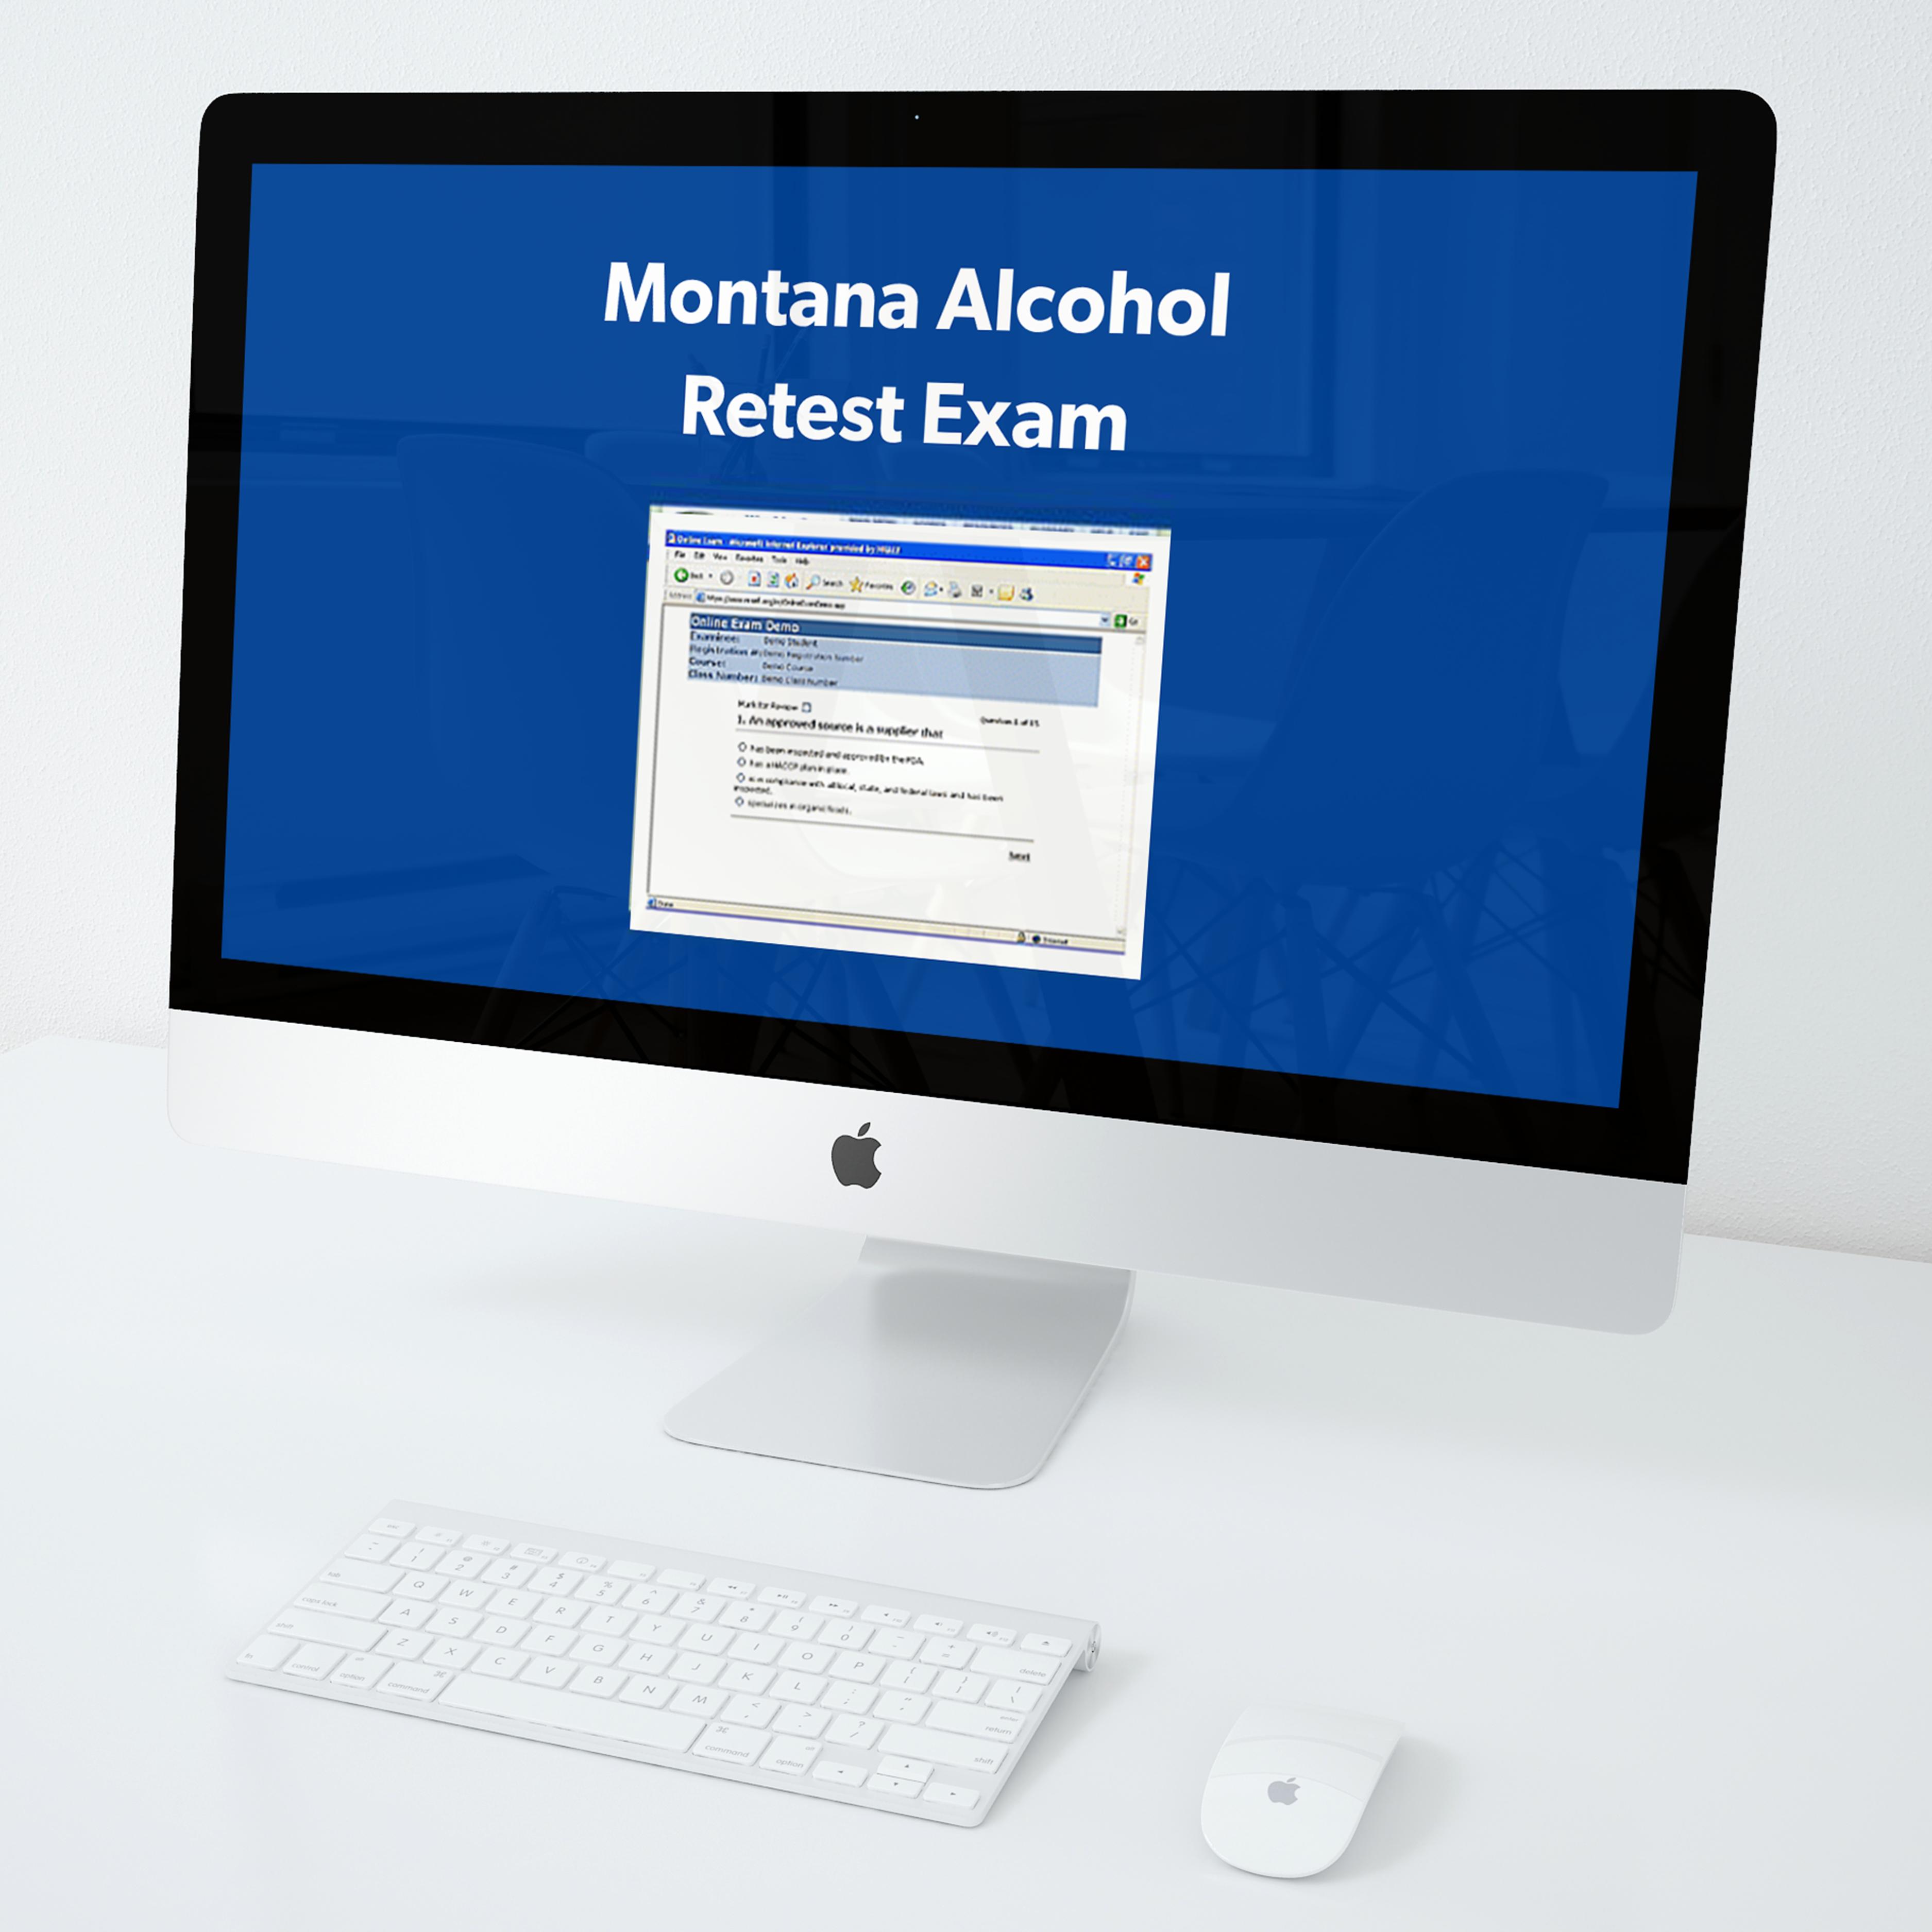 Montana Alcohol Retest Exam Savvy Food Safety Inc